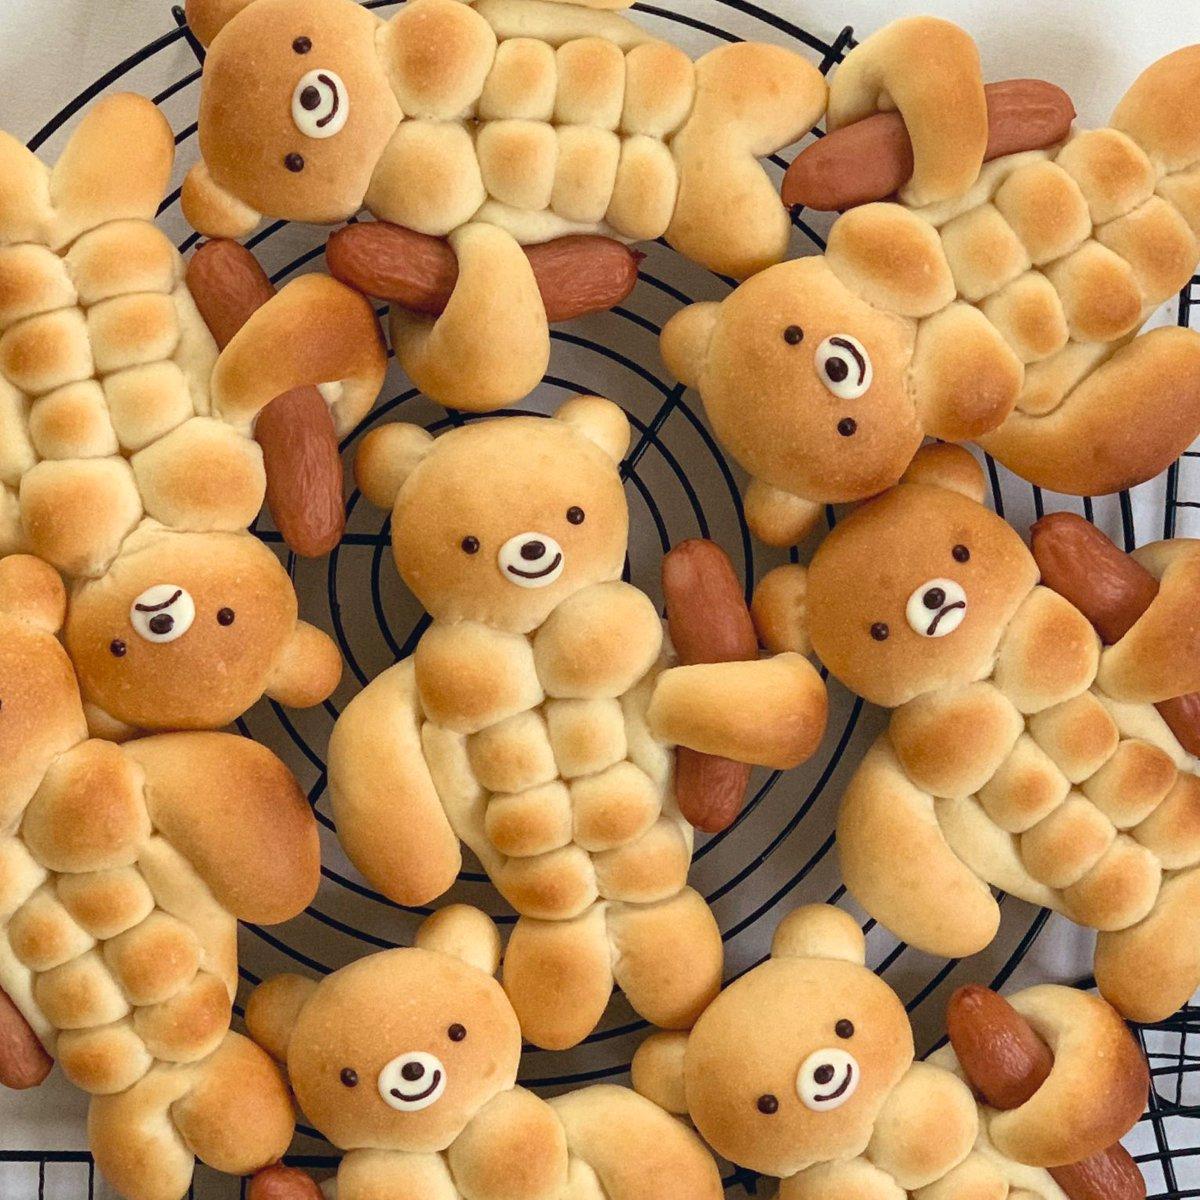 ここの所ずっと、 筋肉くまパンのレシピ作りに励んでいたのですが、ついに完成の予感